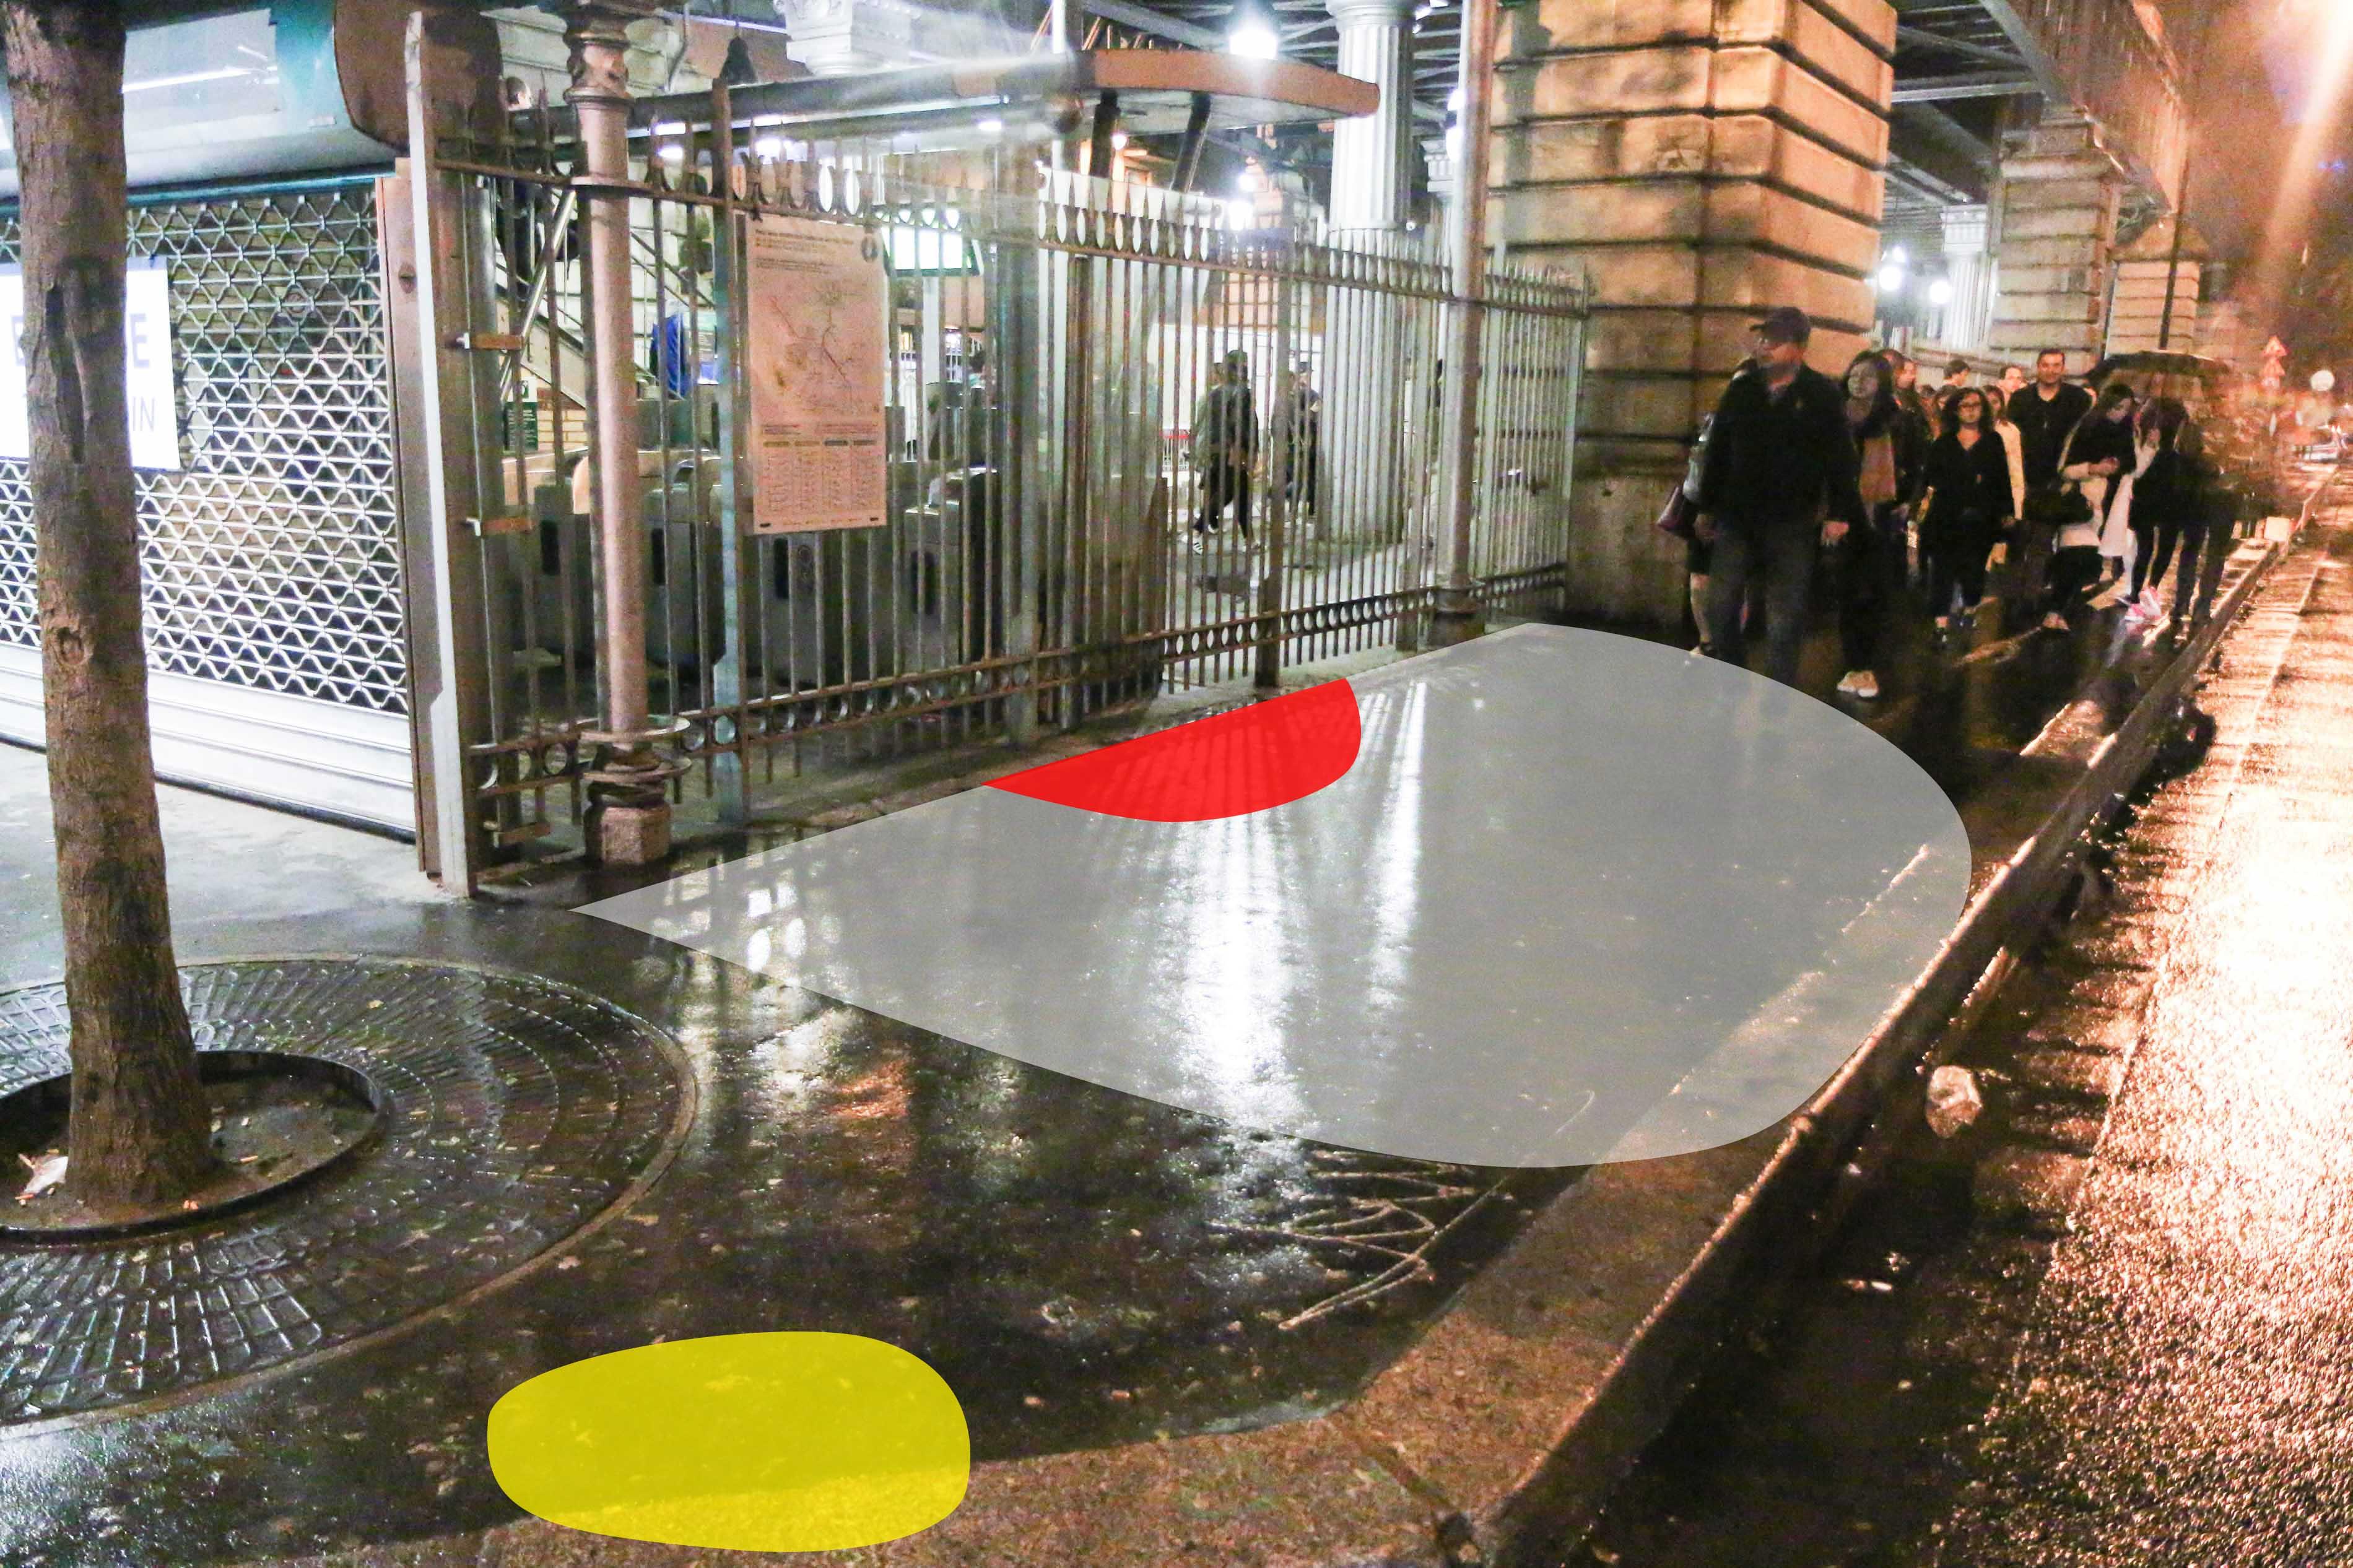 La zone de l'interpellation : En rouge, l'endroit de l'interpellation. En blanc, le cordon policier établi par plusieurs gendarmes. En jaune, ma position pour la photo.